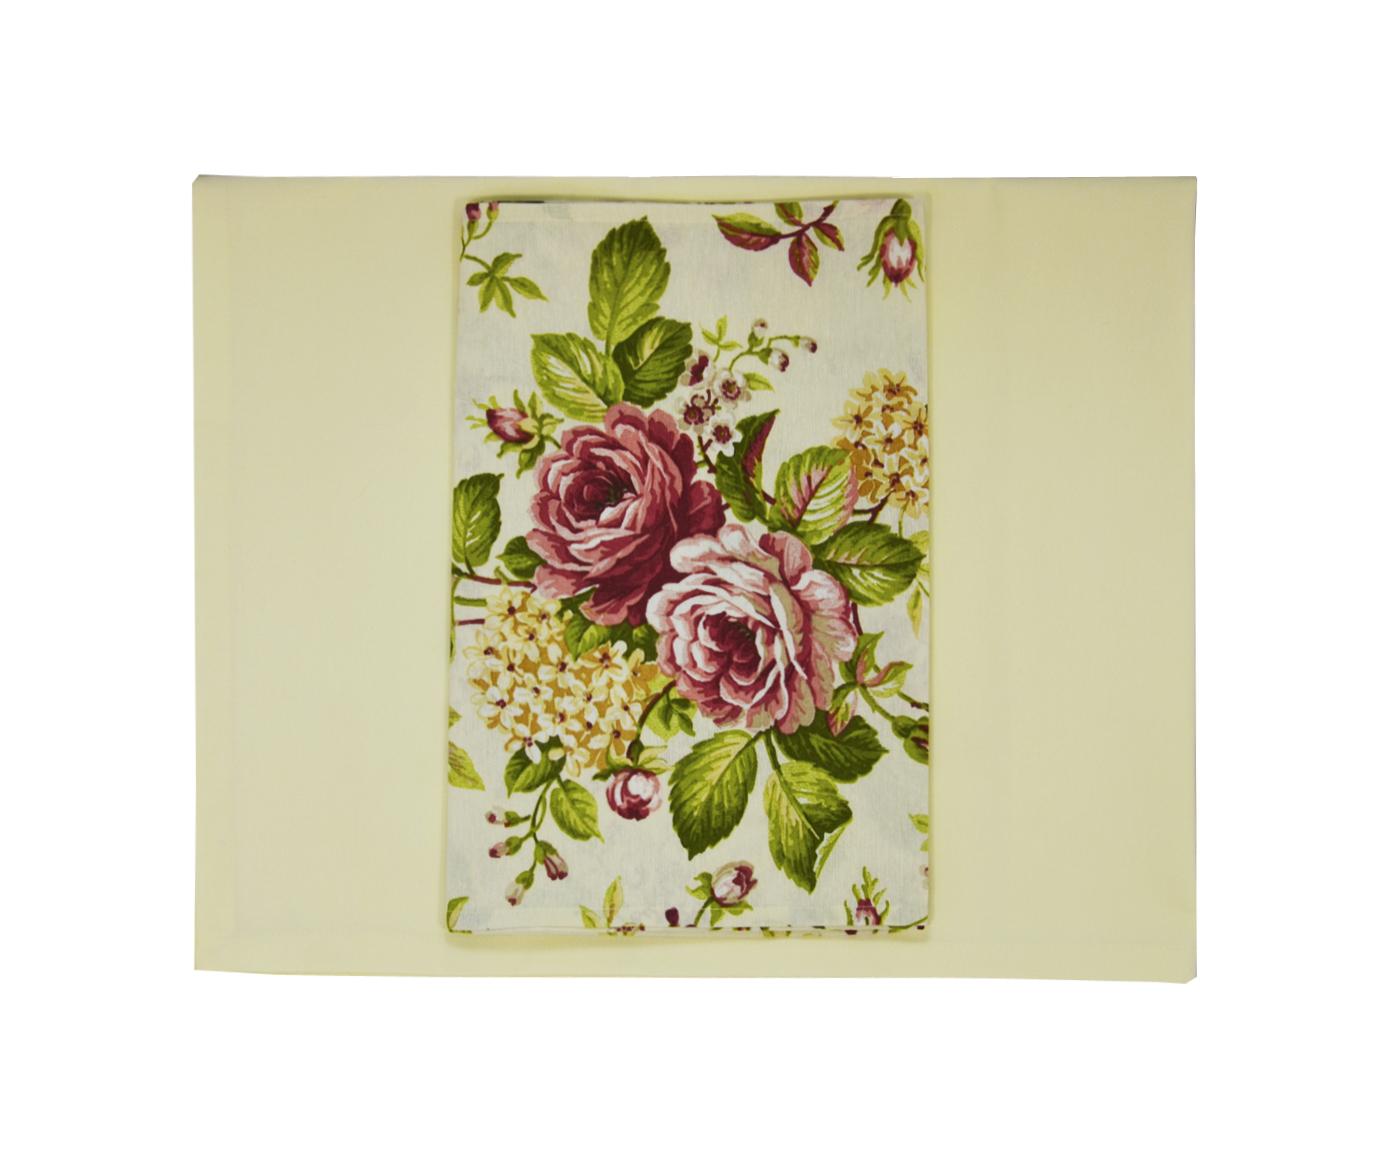 Комплект Rose redСкатерти<br>Столовый набор скатерть однотонная сливочная и дорожка цветы. Прекрасное дополнение для загородного дома.<br><br>Material: Хлопок<br>Length см: 180<br>Width см: 130